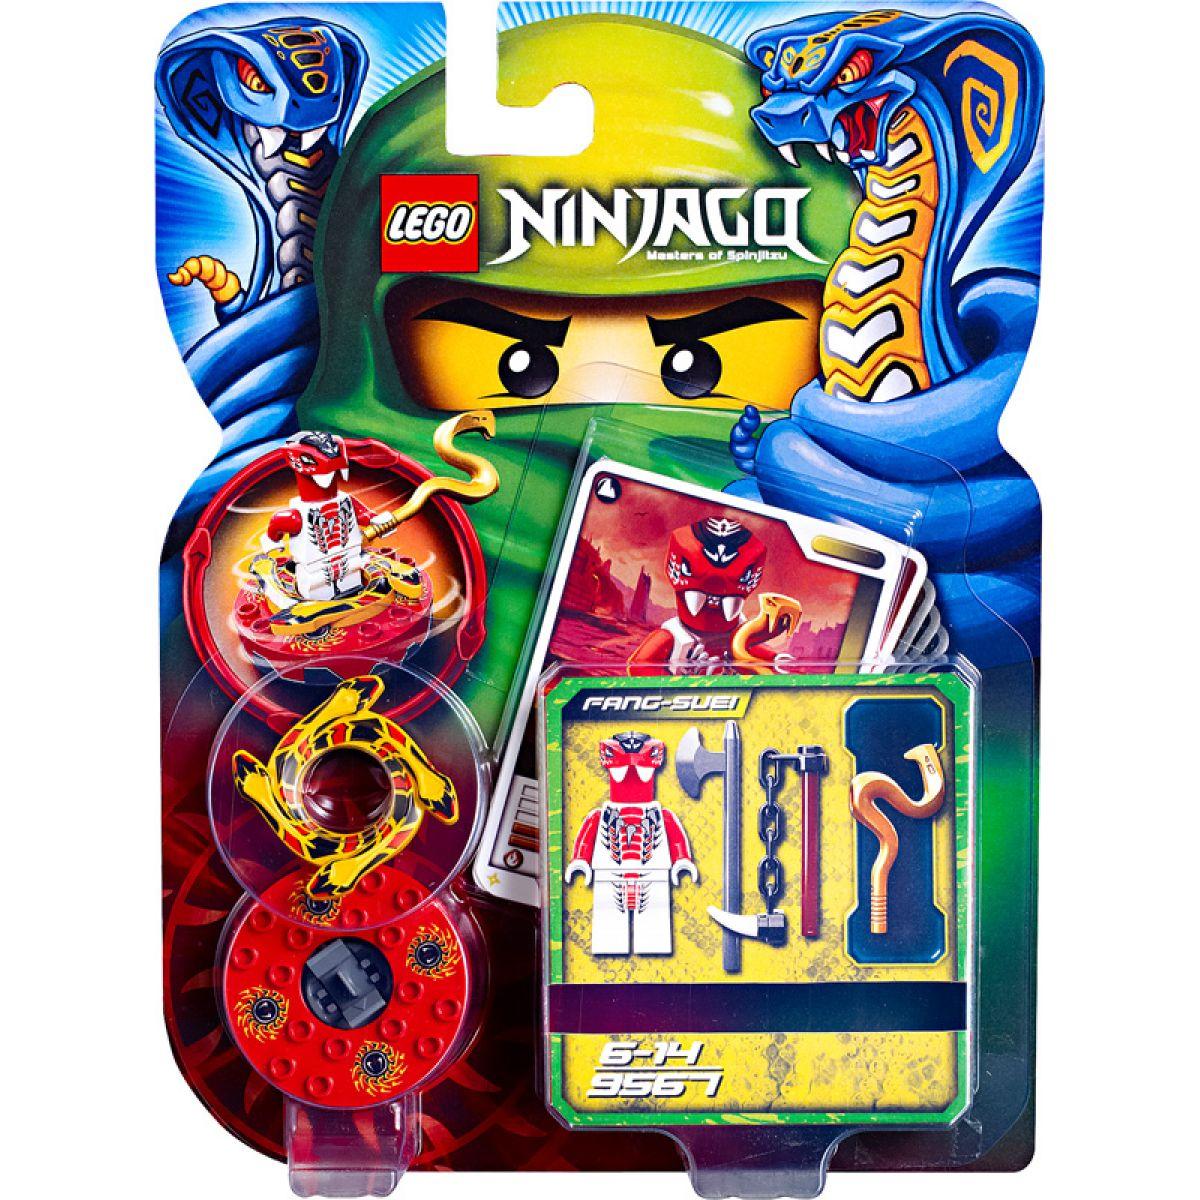 LEGO Ninjago 9567 Fang-Suei